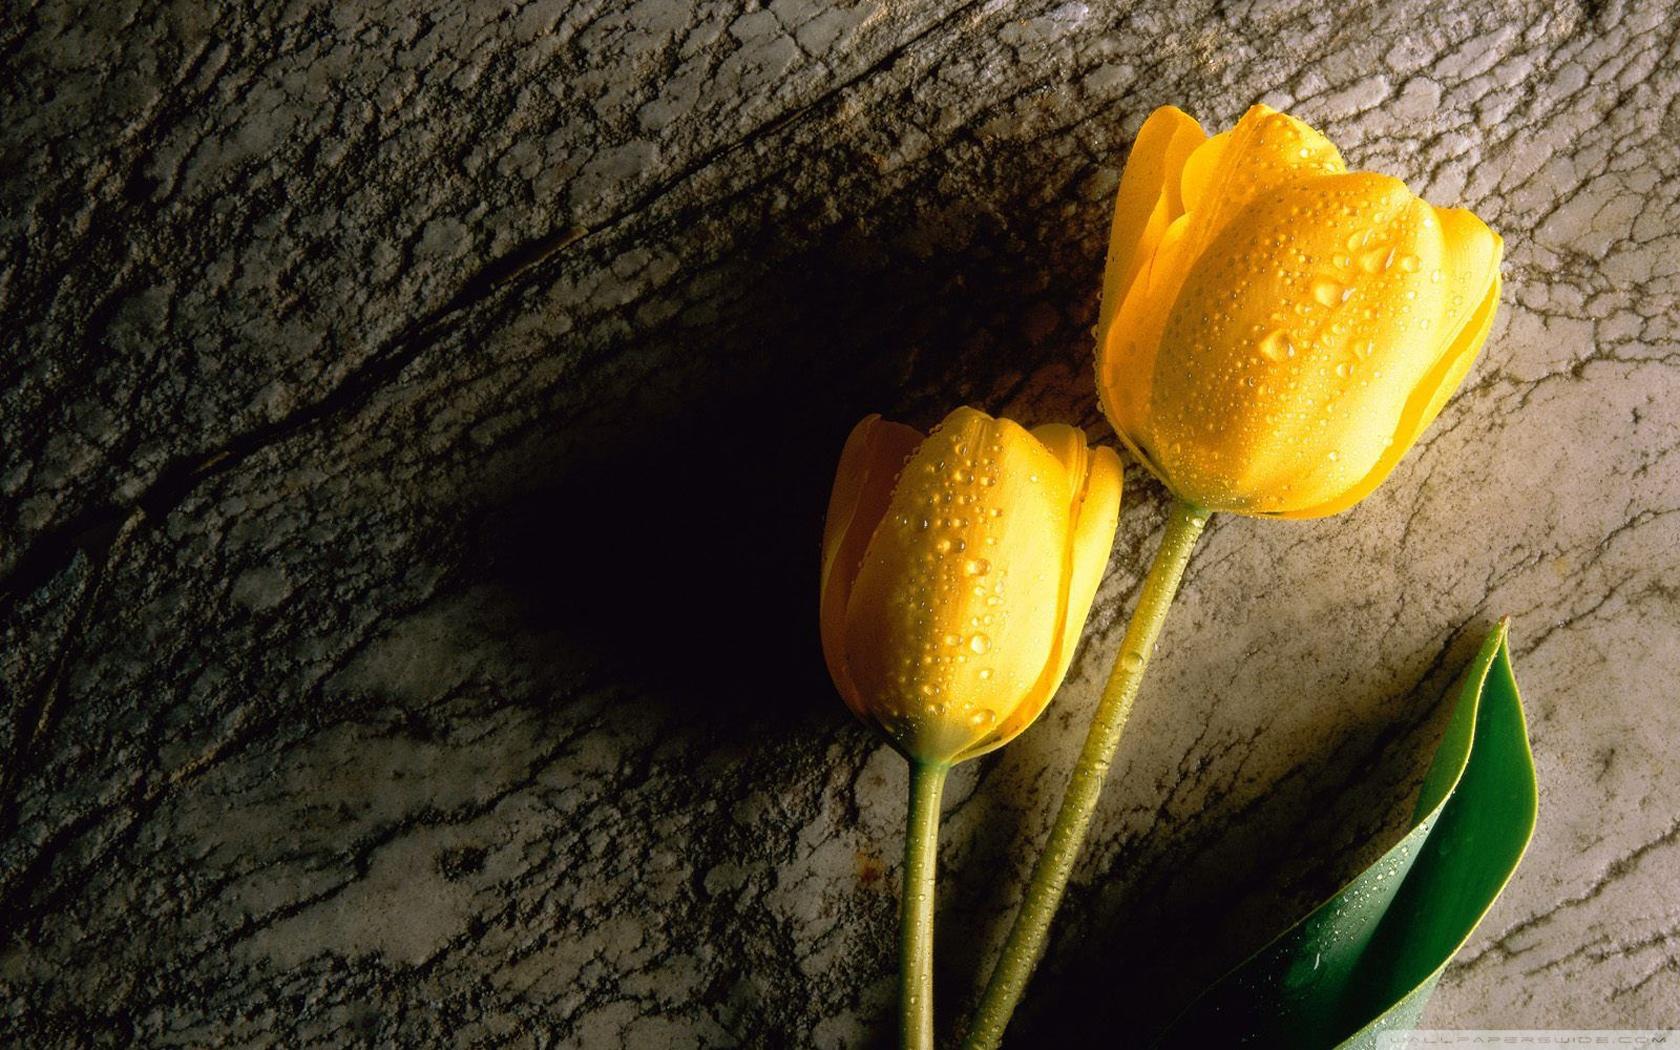 Flower Tumblr wallpaper | 1280x1024 | #42451